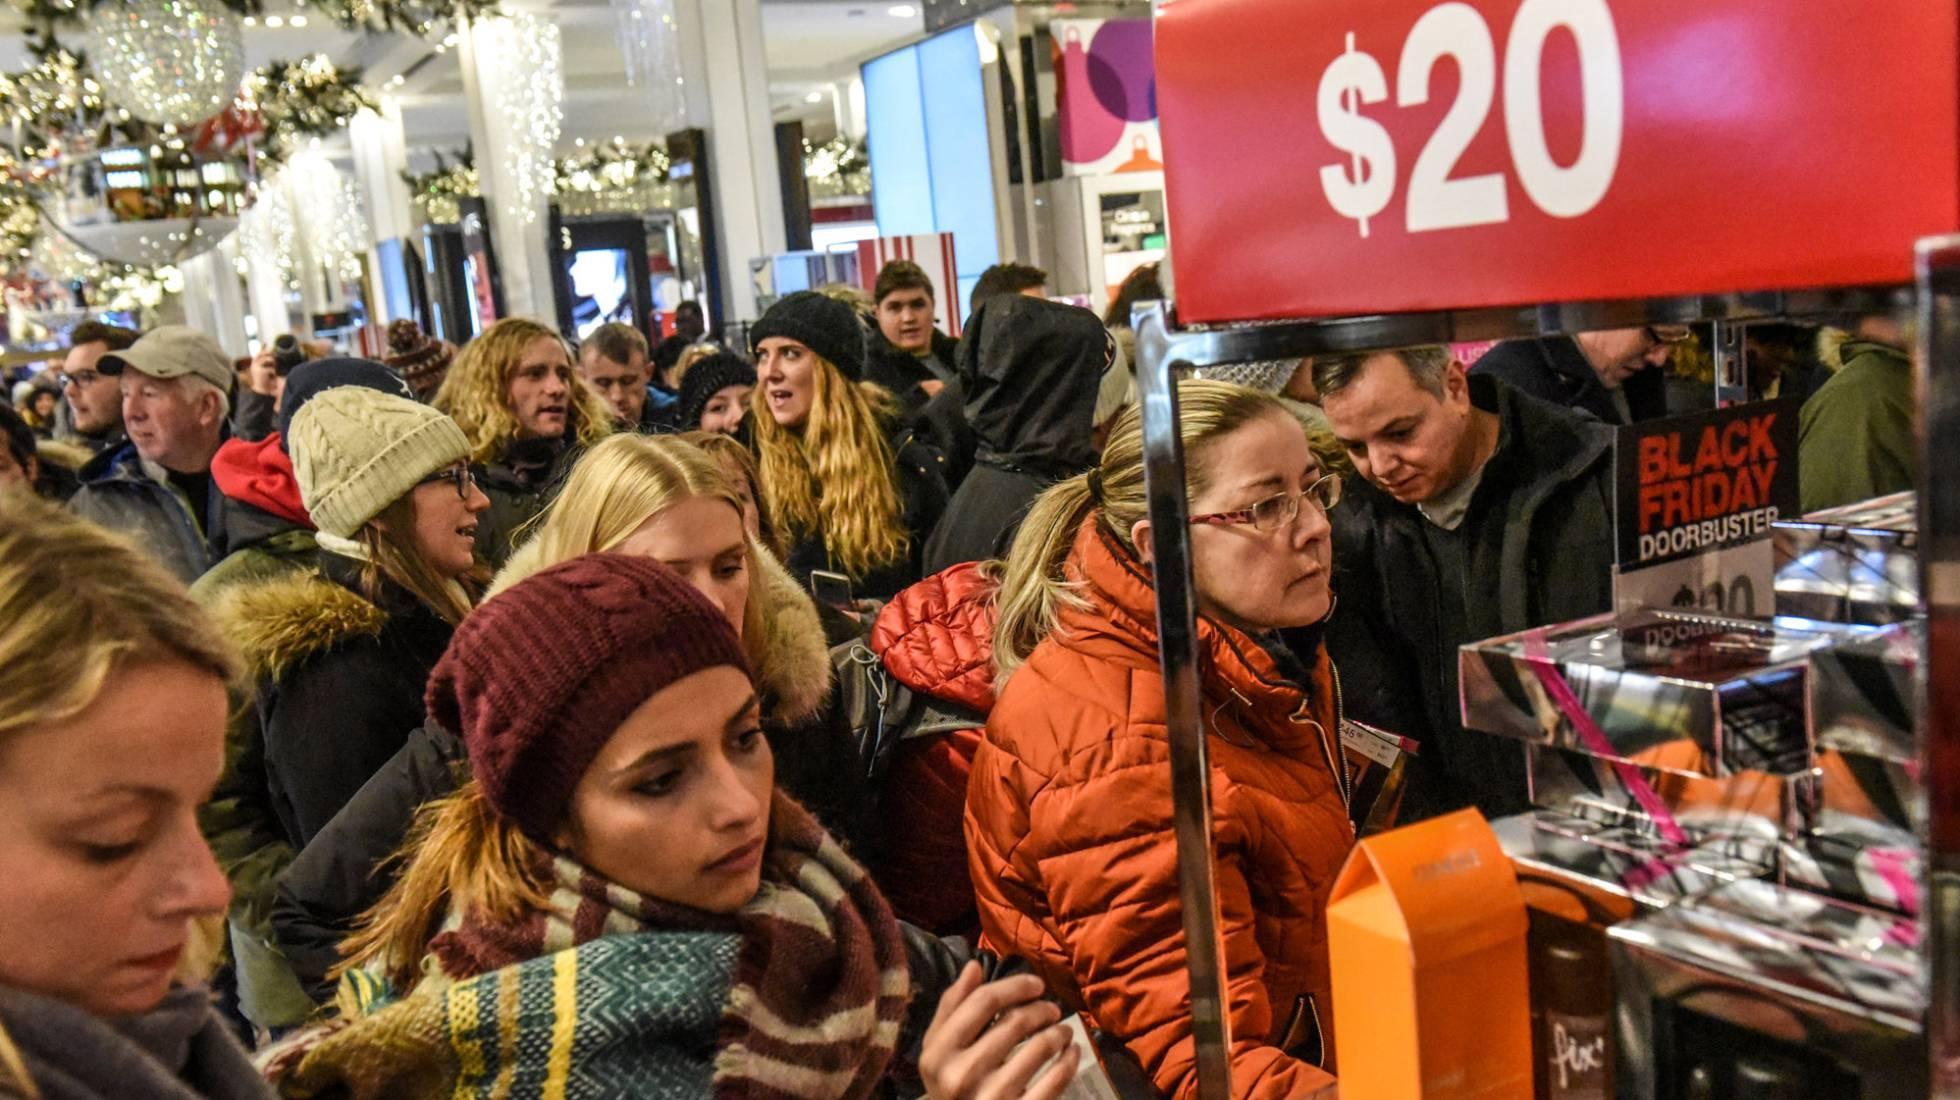 El Black Friday en Estados Unidos: un termómetro de la economía